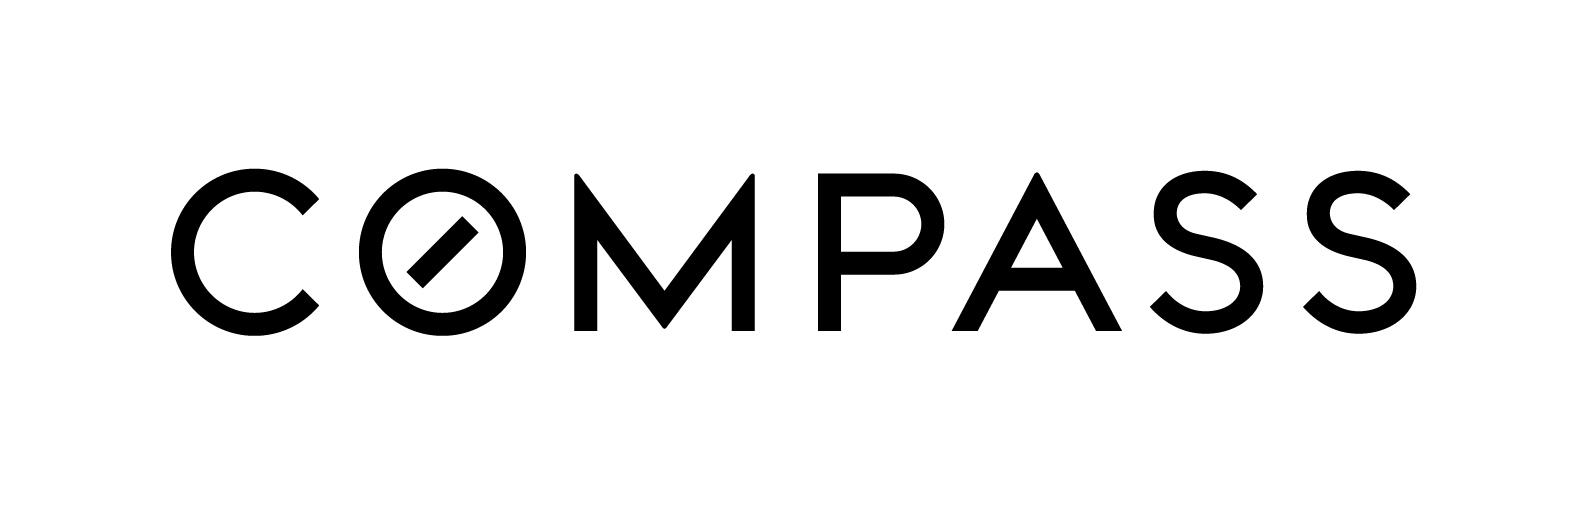 Logo Broker Compass